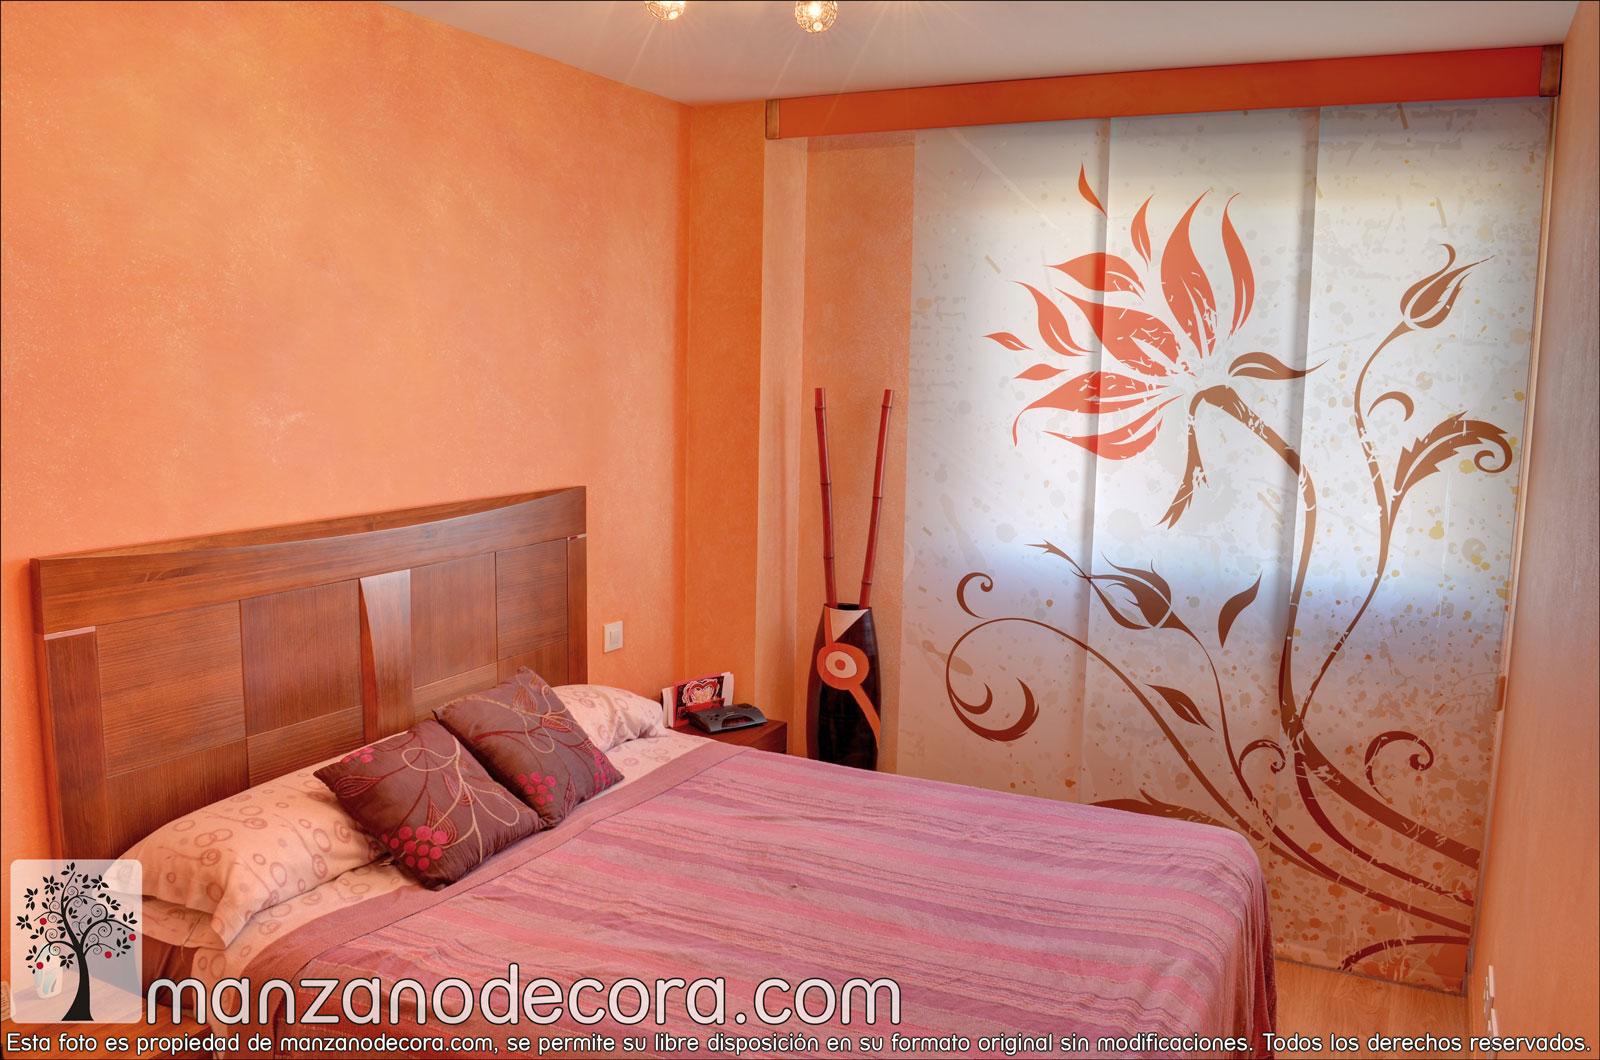 Paneles japoneses cortinas manzanodecora for Panel japones blanco y gris